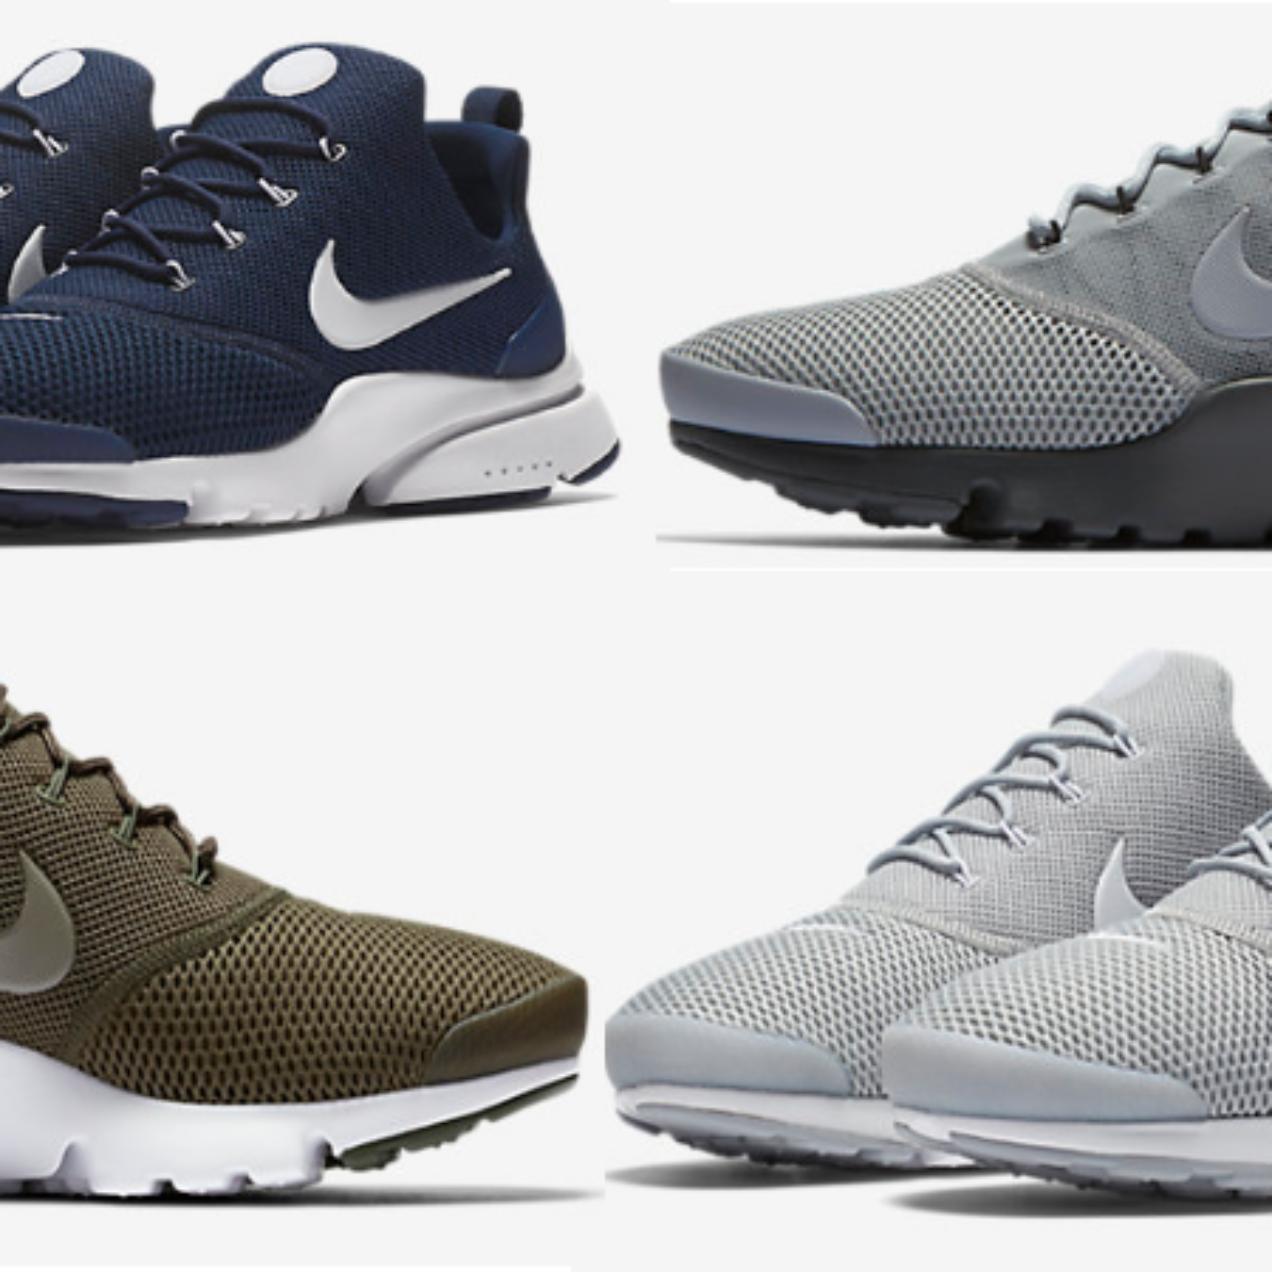 Nike Men's Presto Fly Running Shoes Only $56 (Regular $100)